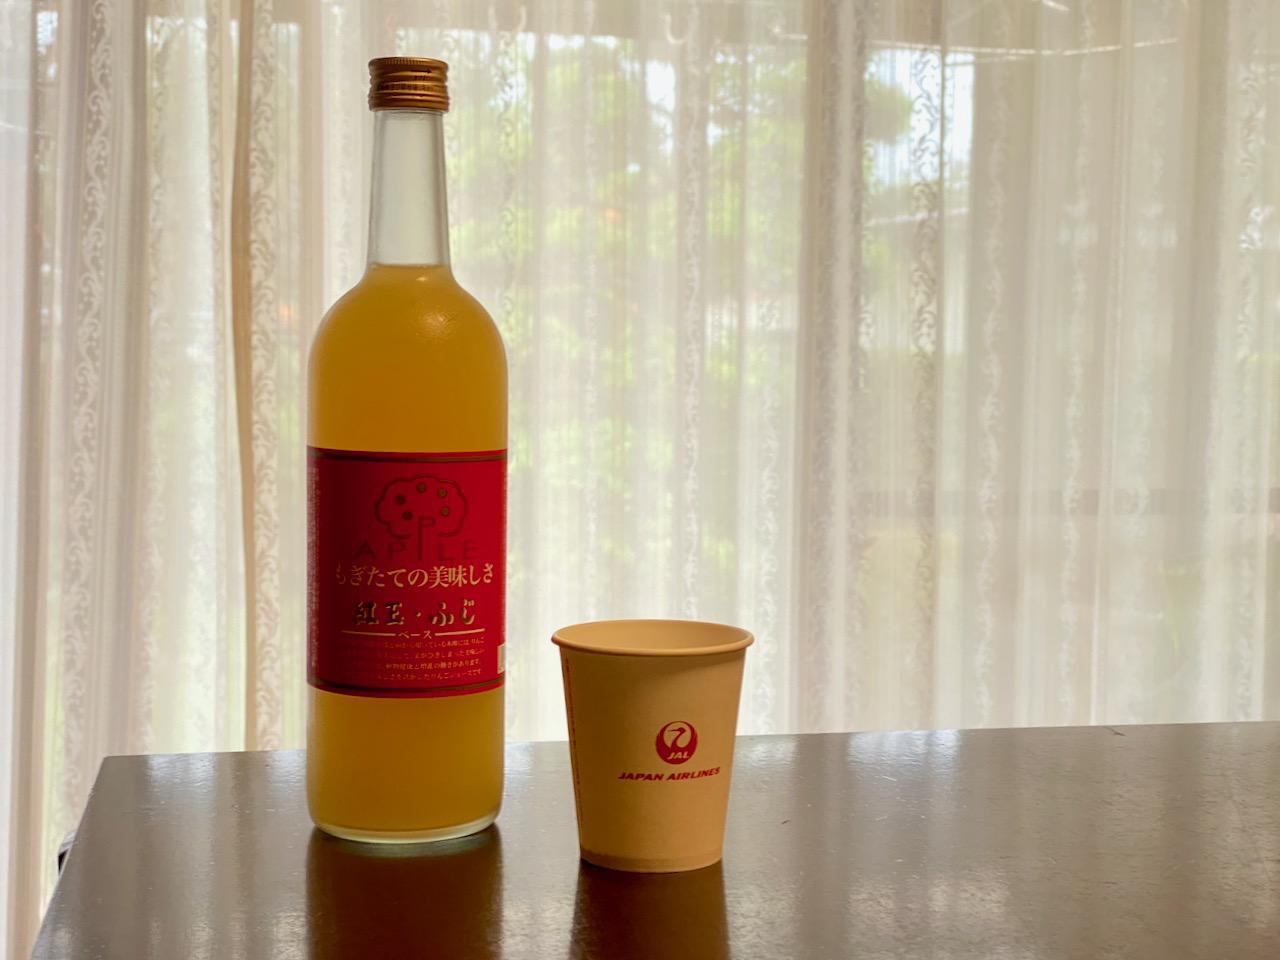 画像3: 蔵元見学のあとは、特別な日本酒やリンゴジュースで乾杯